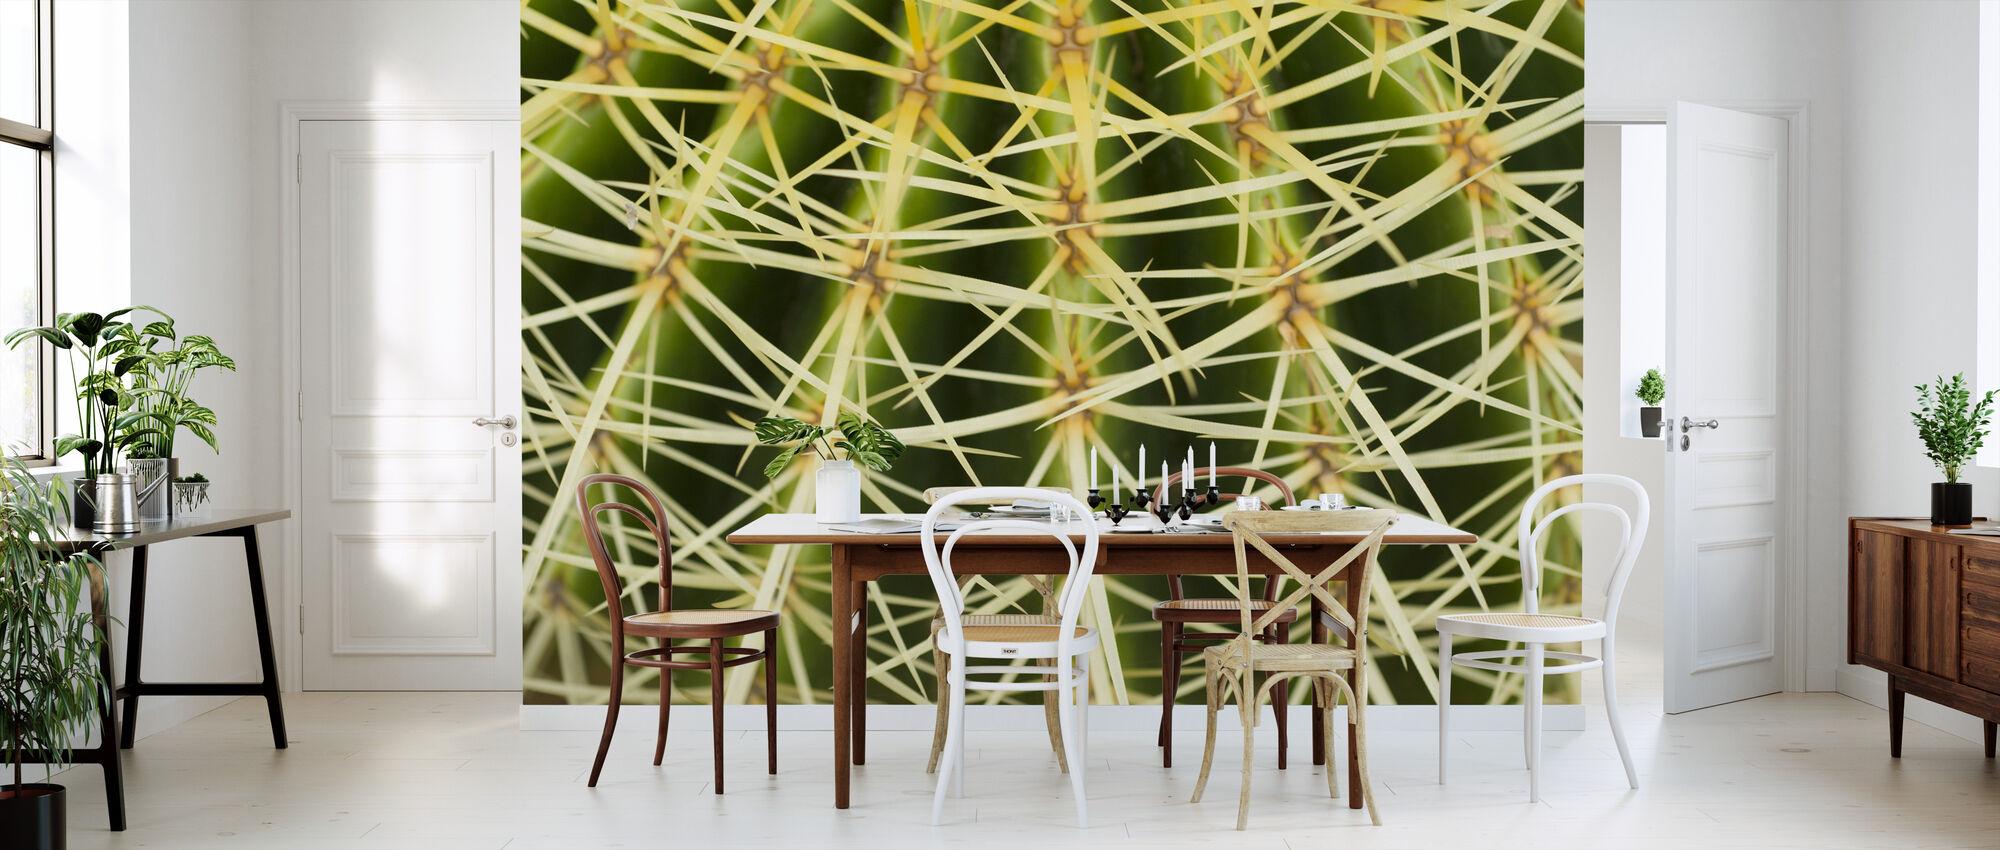 Golden Barrel Cactus Close Up - Wallpaper - Kitchen